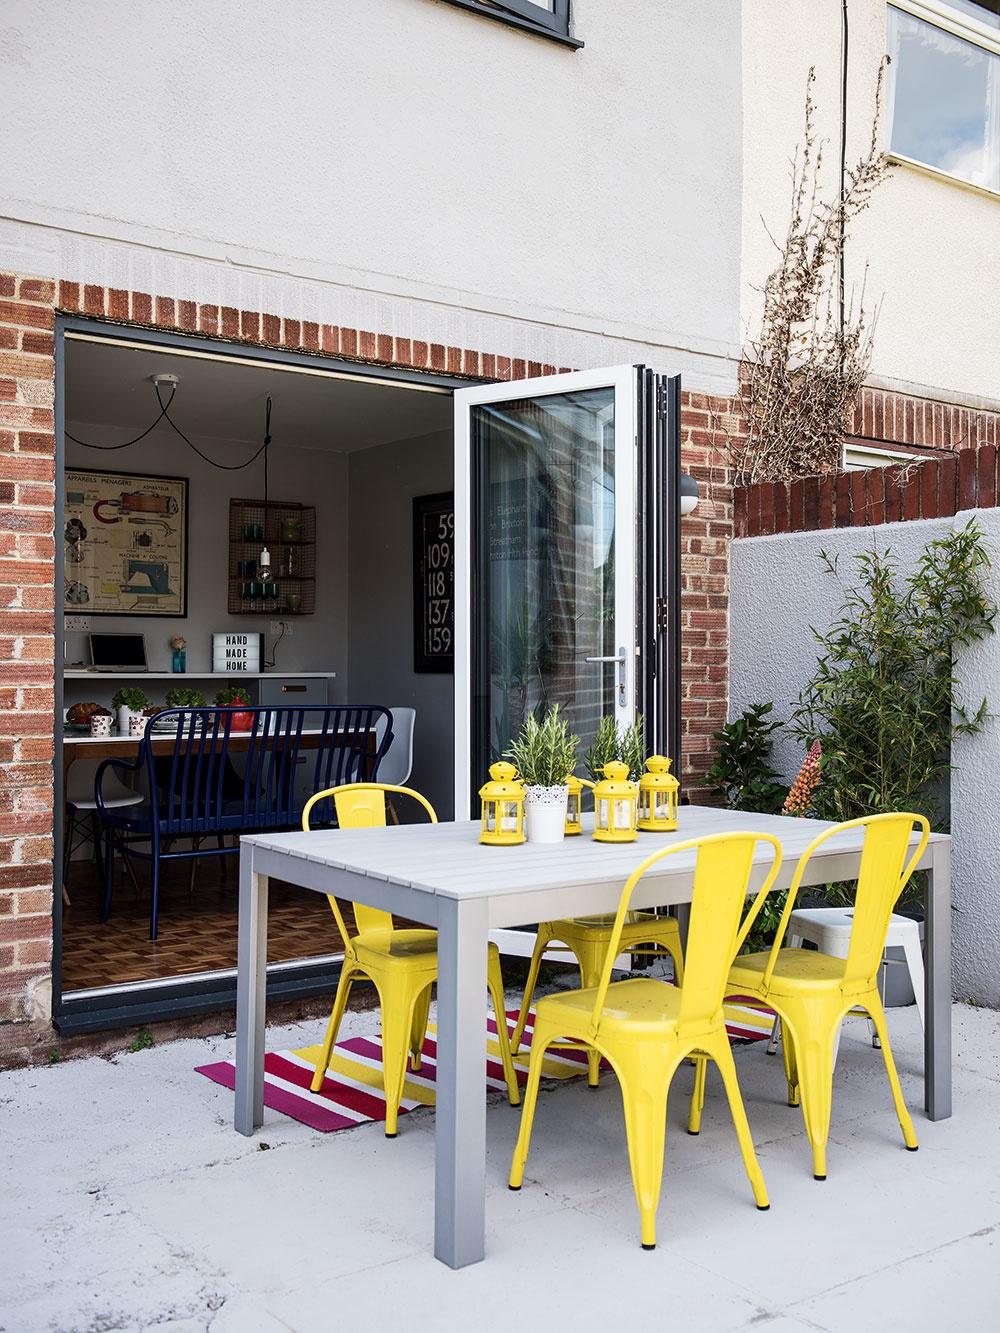 Rekonštrukcia dvojdomu z50. rokov prebehla vréžii architektonického štúdia Michael Nye Design, odizajn interiéru sa postarala majiteľka, ktorá je kreatívnou dušou značky Home Made Productions. homemadeproductions.co.uk